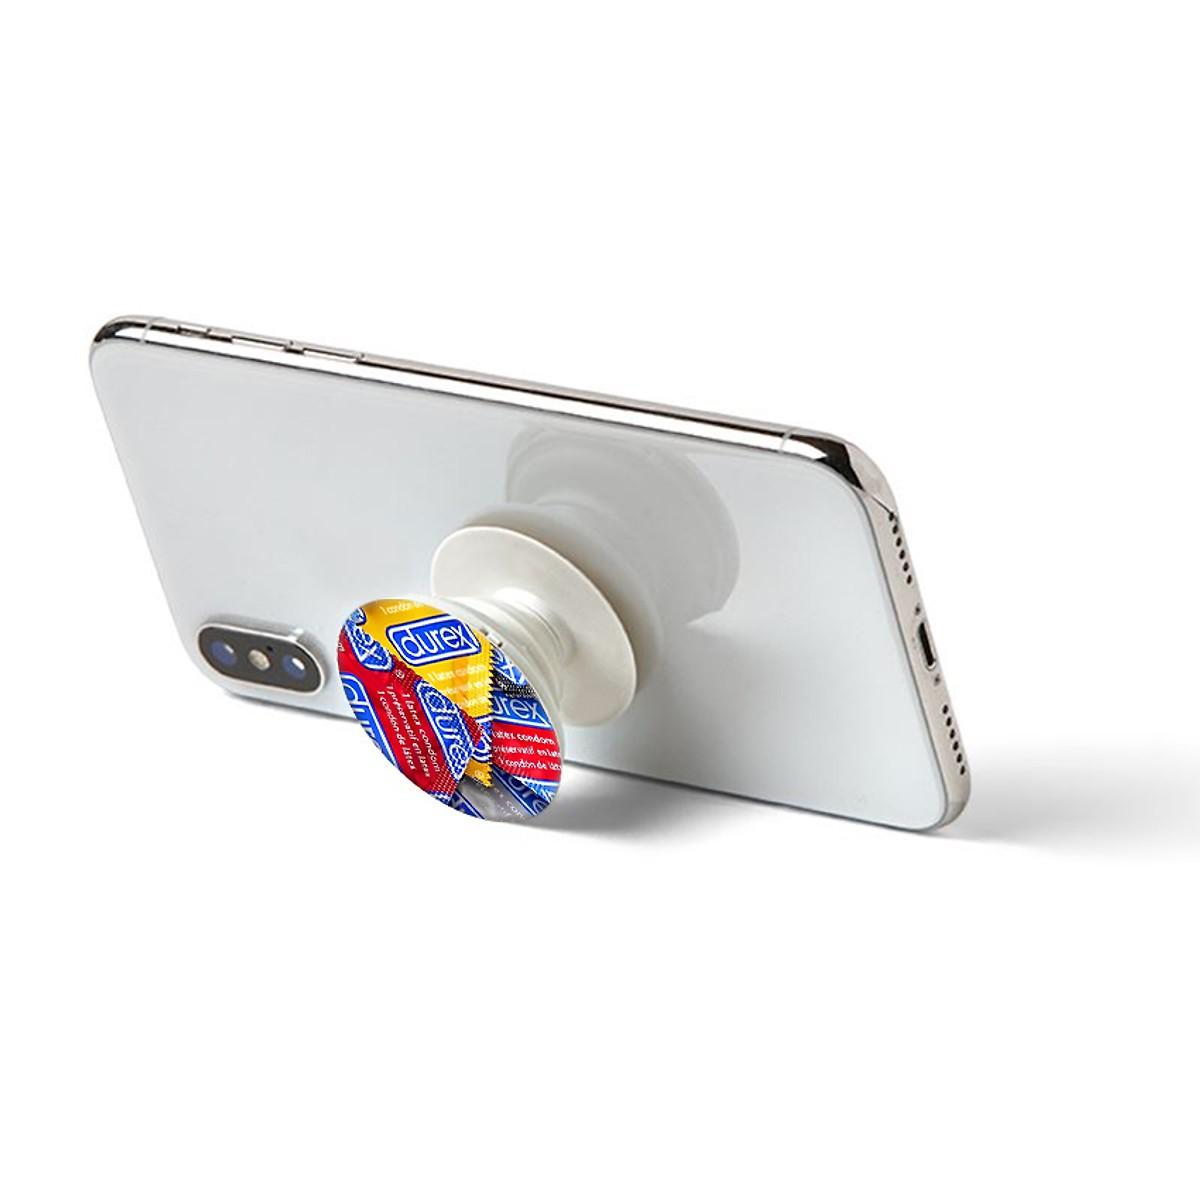 Popsocket - Giá đỡ điện thoại đa năng iCase Drurex - Hàng Chính Hãng